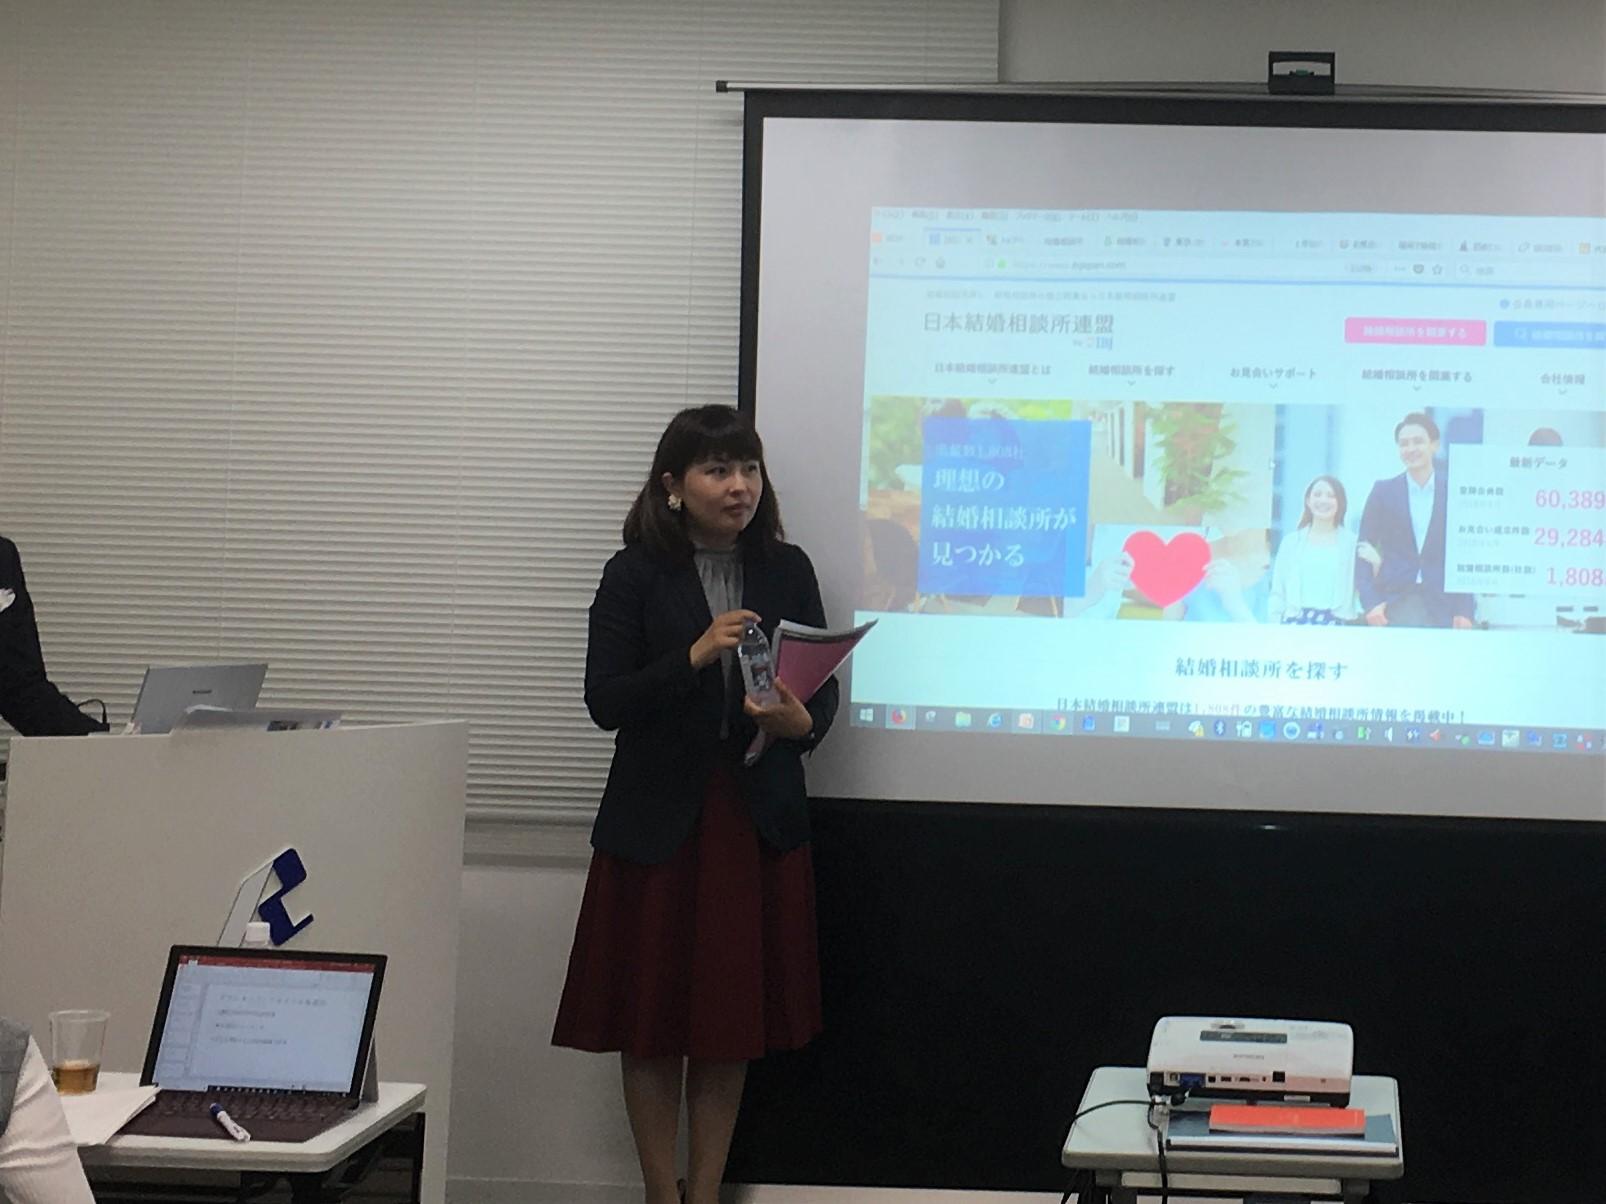 結婚相談所開業希望者の方へ☆2018年10月5日(金)IBJ開業検討者向けセミナー